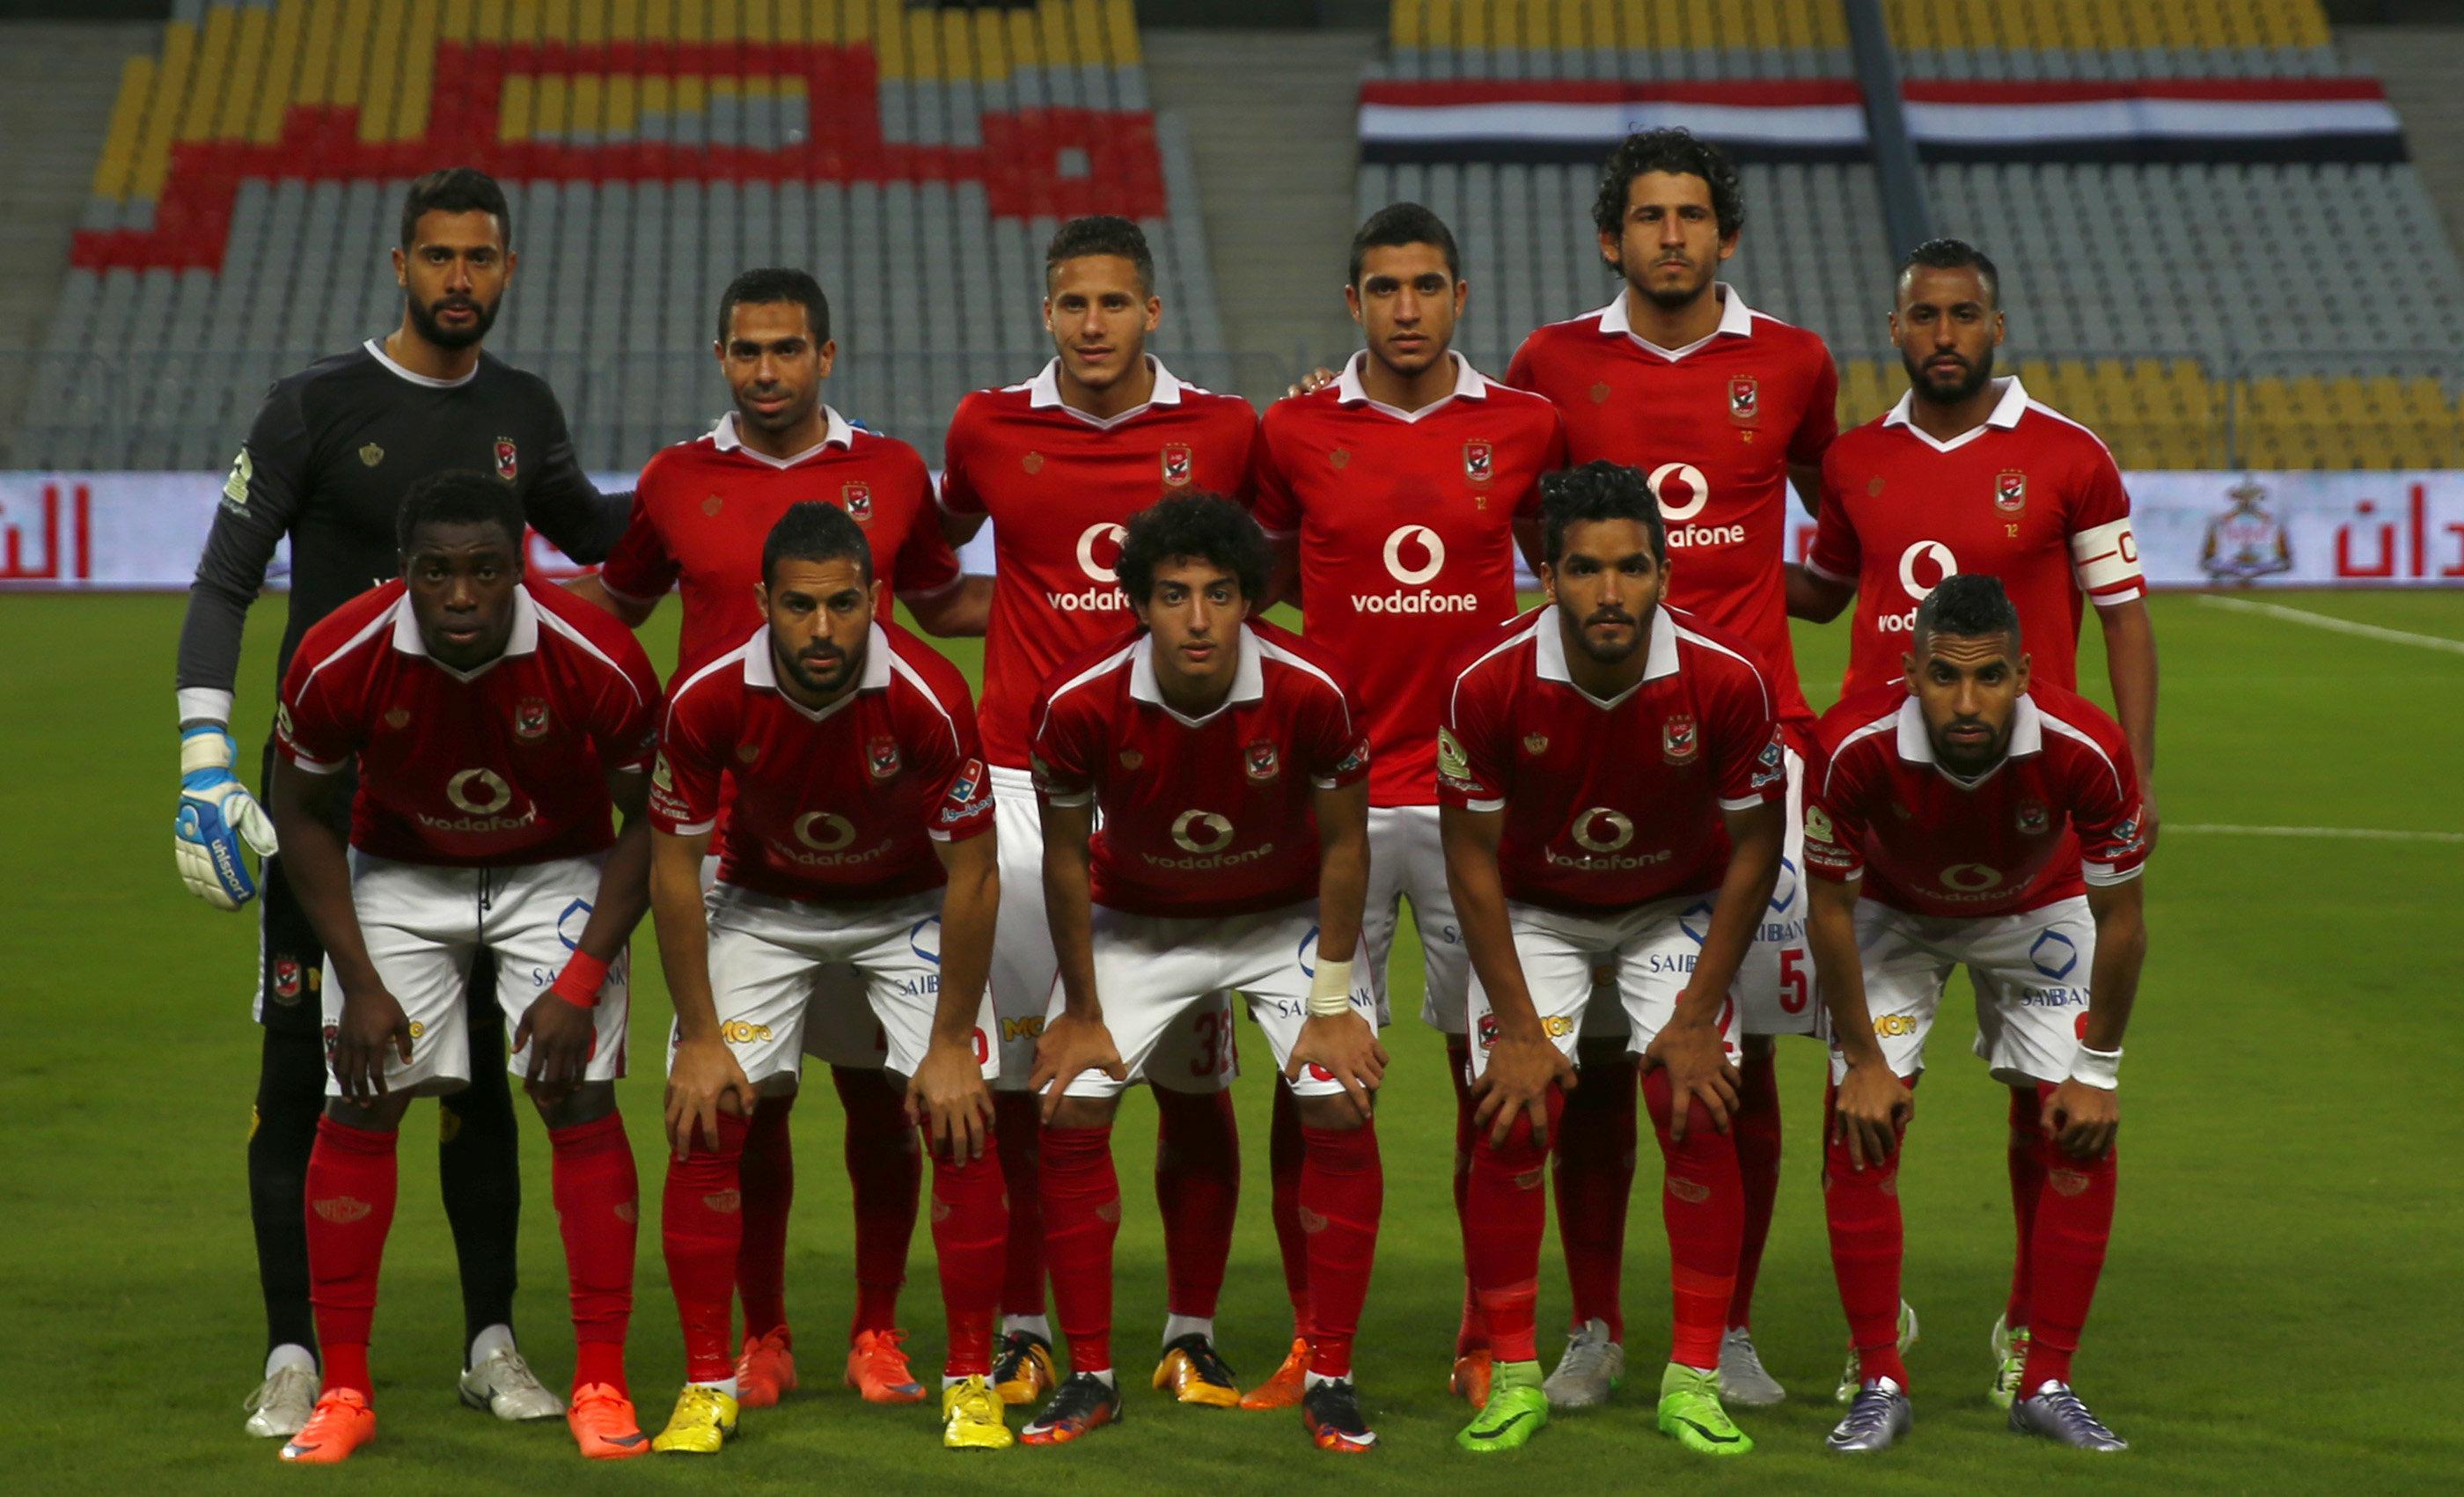 الأهلي يسعى للفوز على الإسماعيلي للاقتراب من لقب الدوري المصري